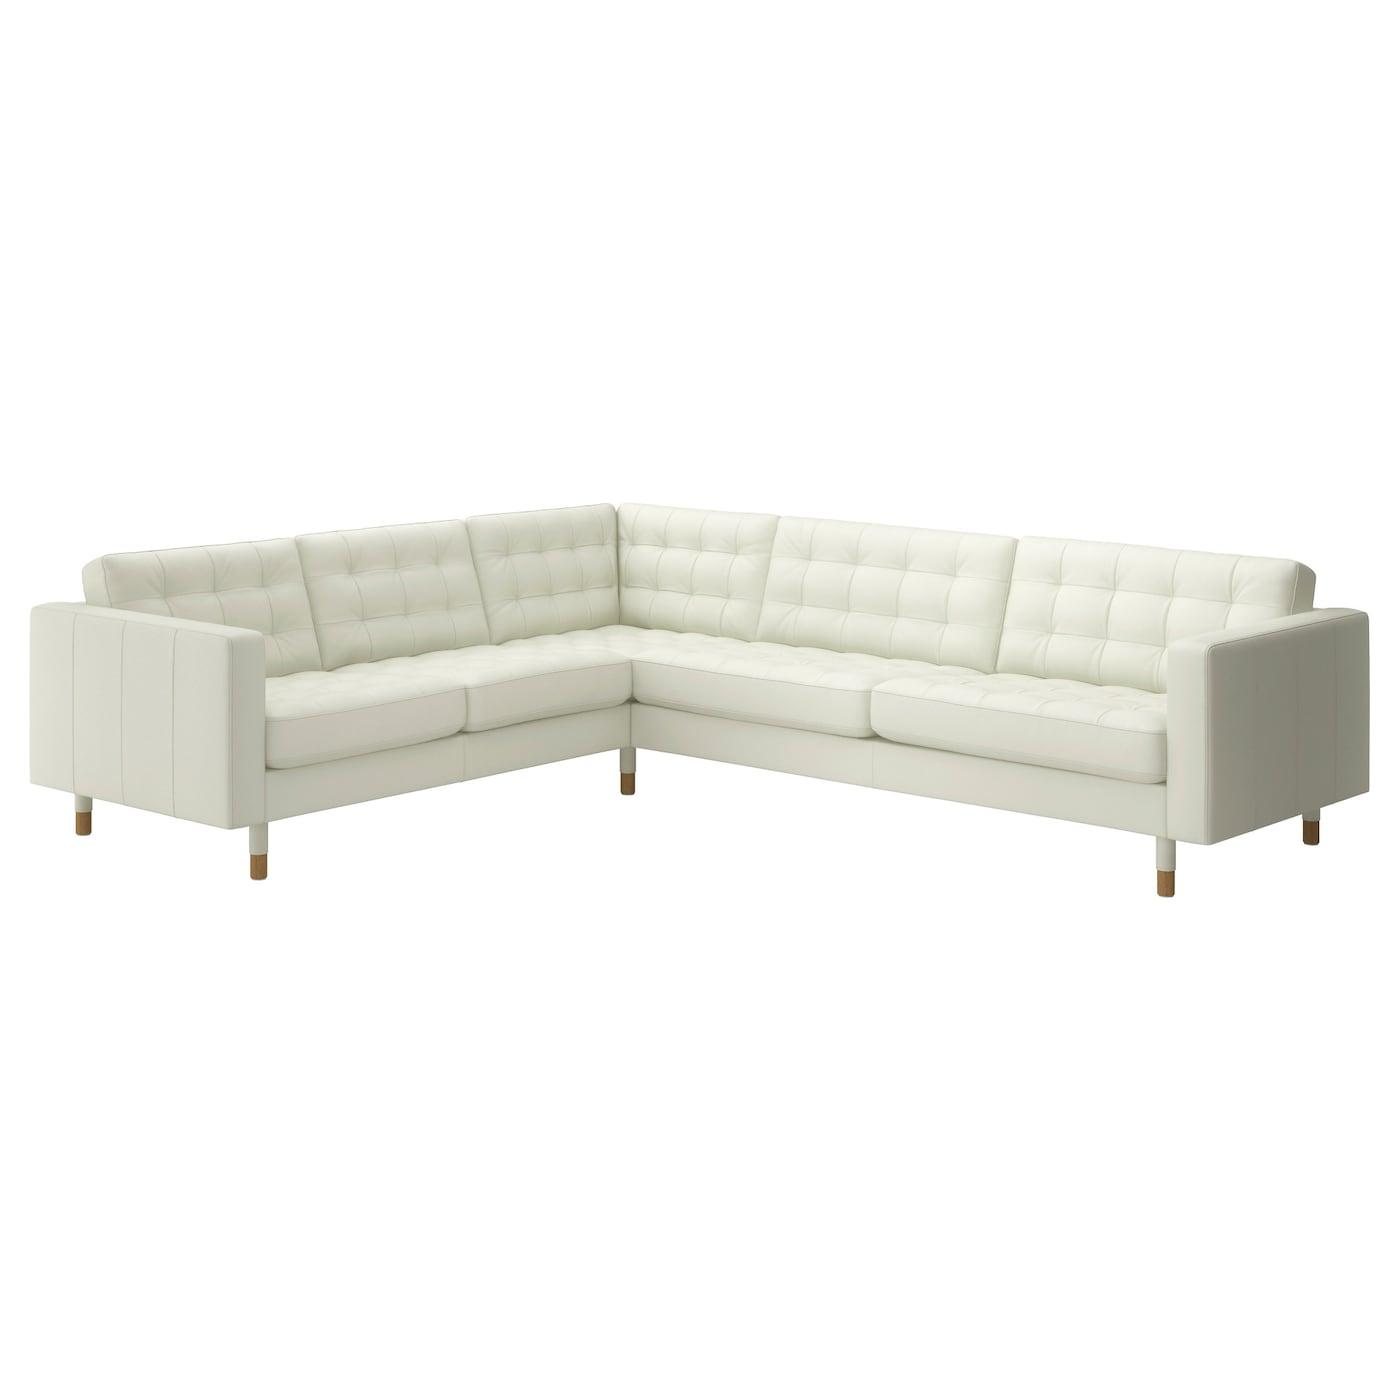 Ikea Ecksofas & Eckcouches online kaufen | Möbel-Suchmaschine ...